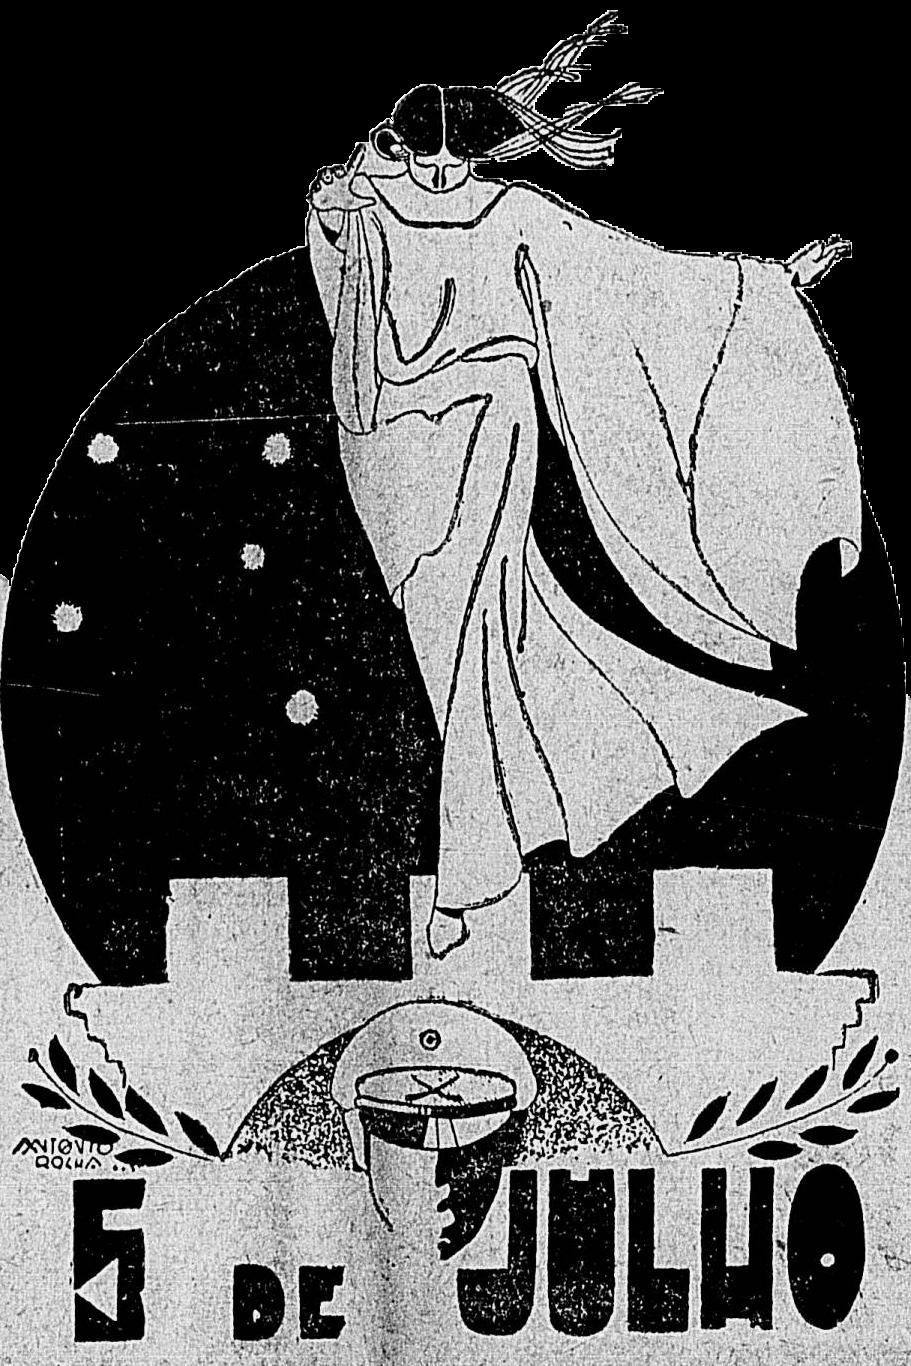 Imagem publicada no jornal Ilustração: Diário Carioca.  Ano IV número 927. Cinco de julho de 1931